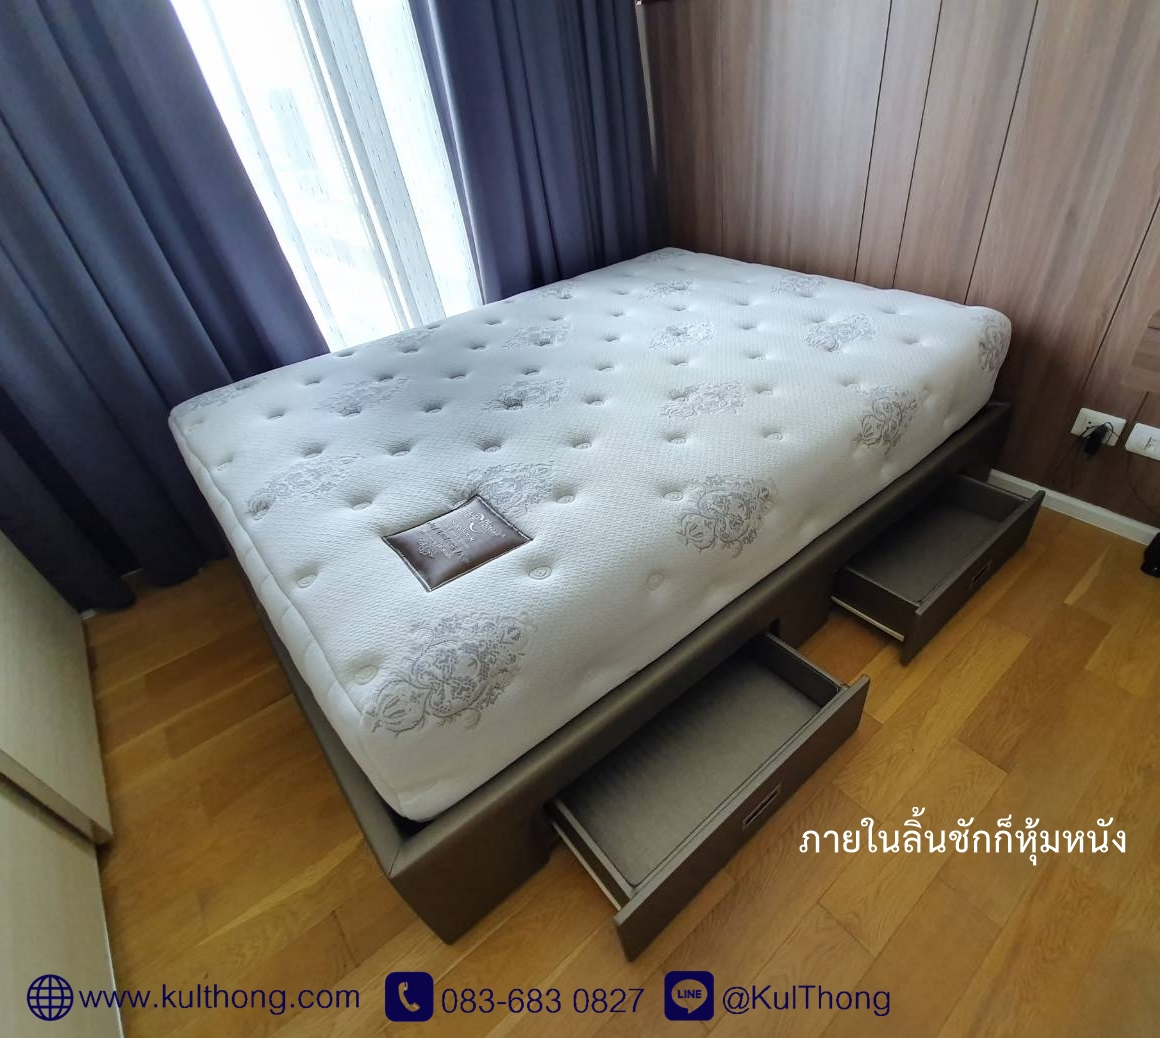 ฐานเตียงมีลิ้นชัก เตียงเก็บของ ฐานรองที่นอน เตียงหุ้มหนัง